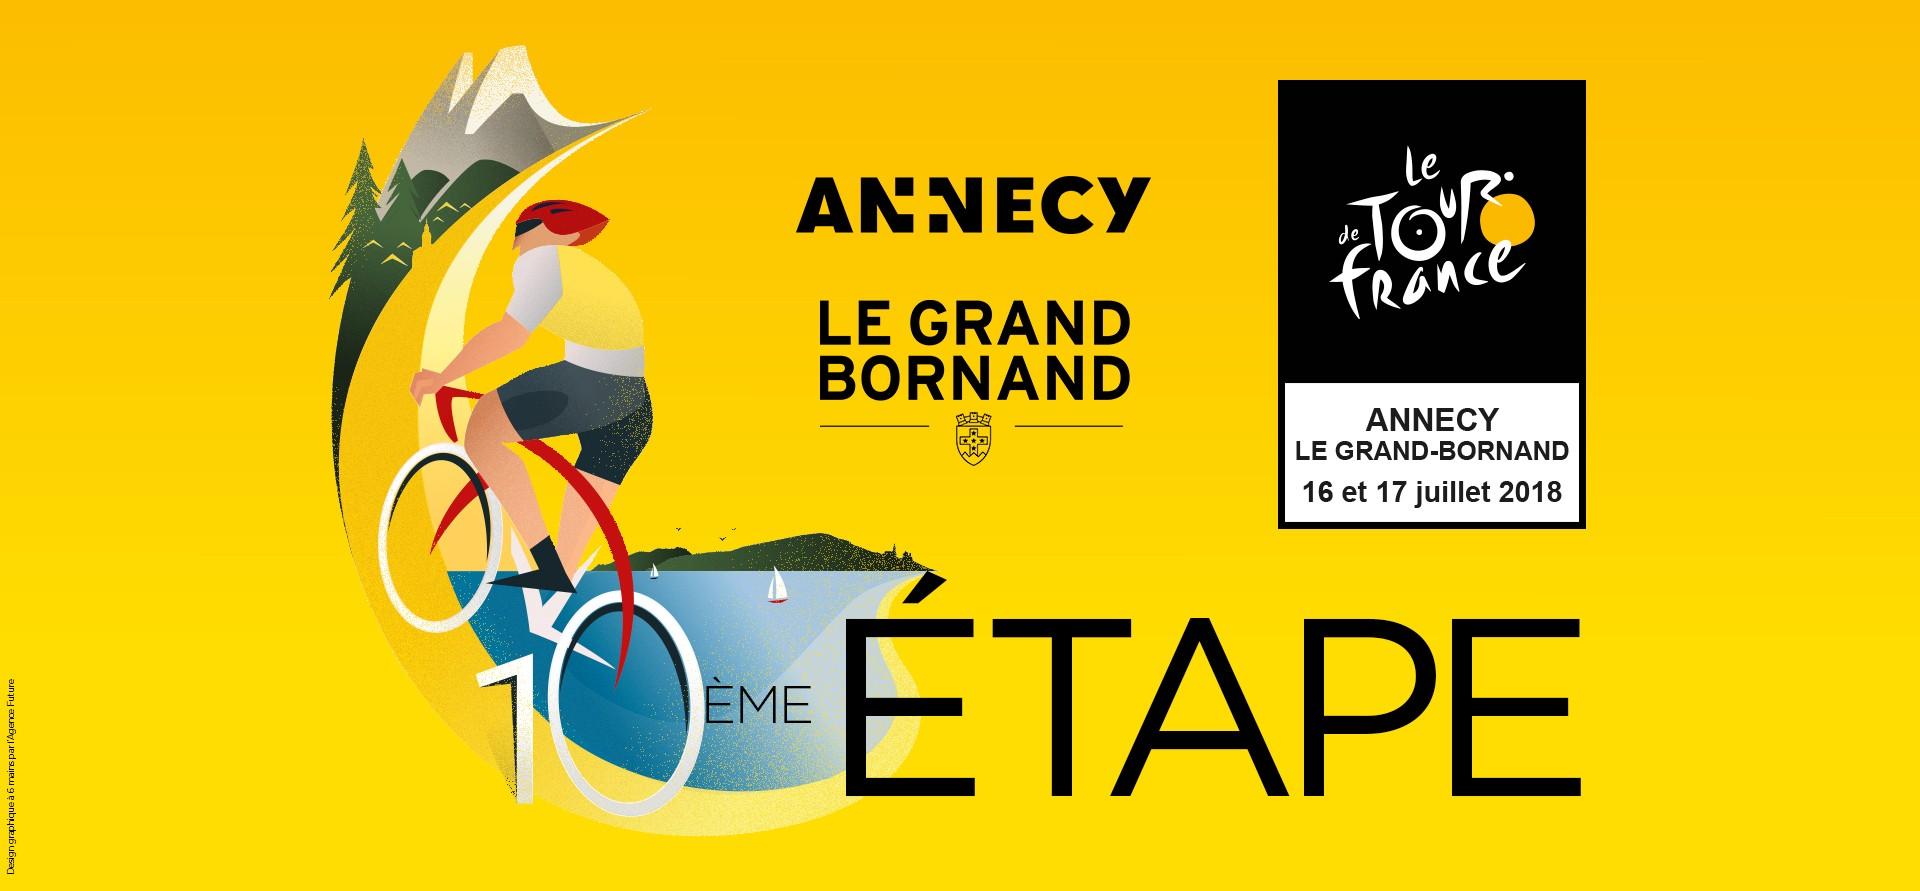 10ème étape du Tour de France 2018